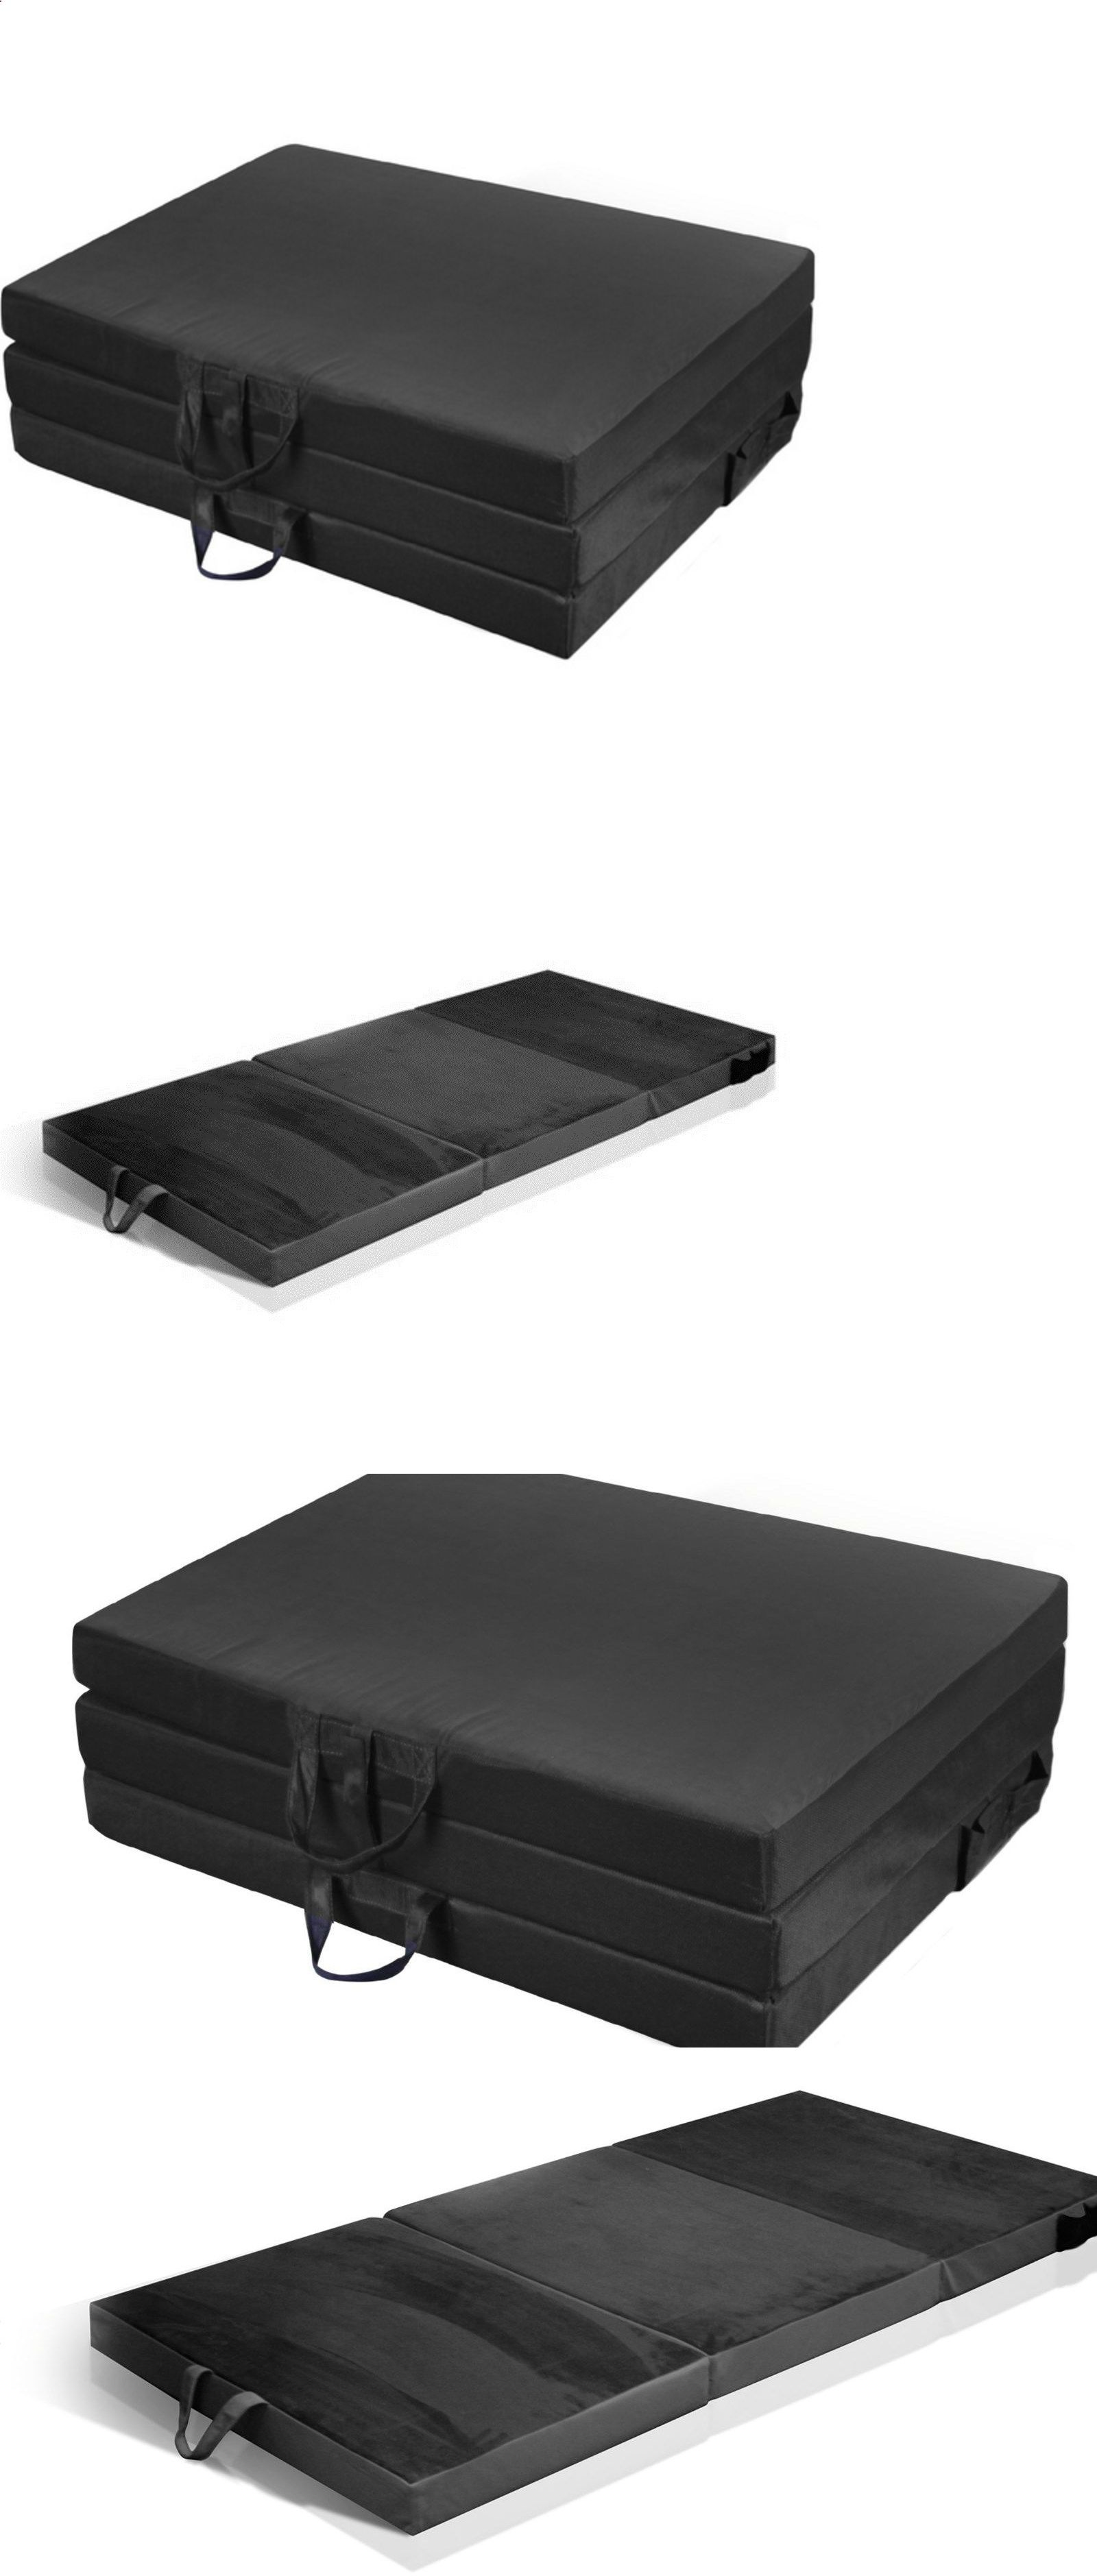 Camping Sleeping Pad Mattresses and Pads 36114 Sleeping